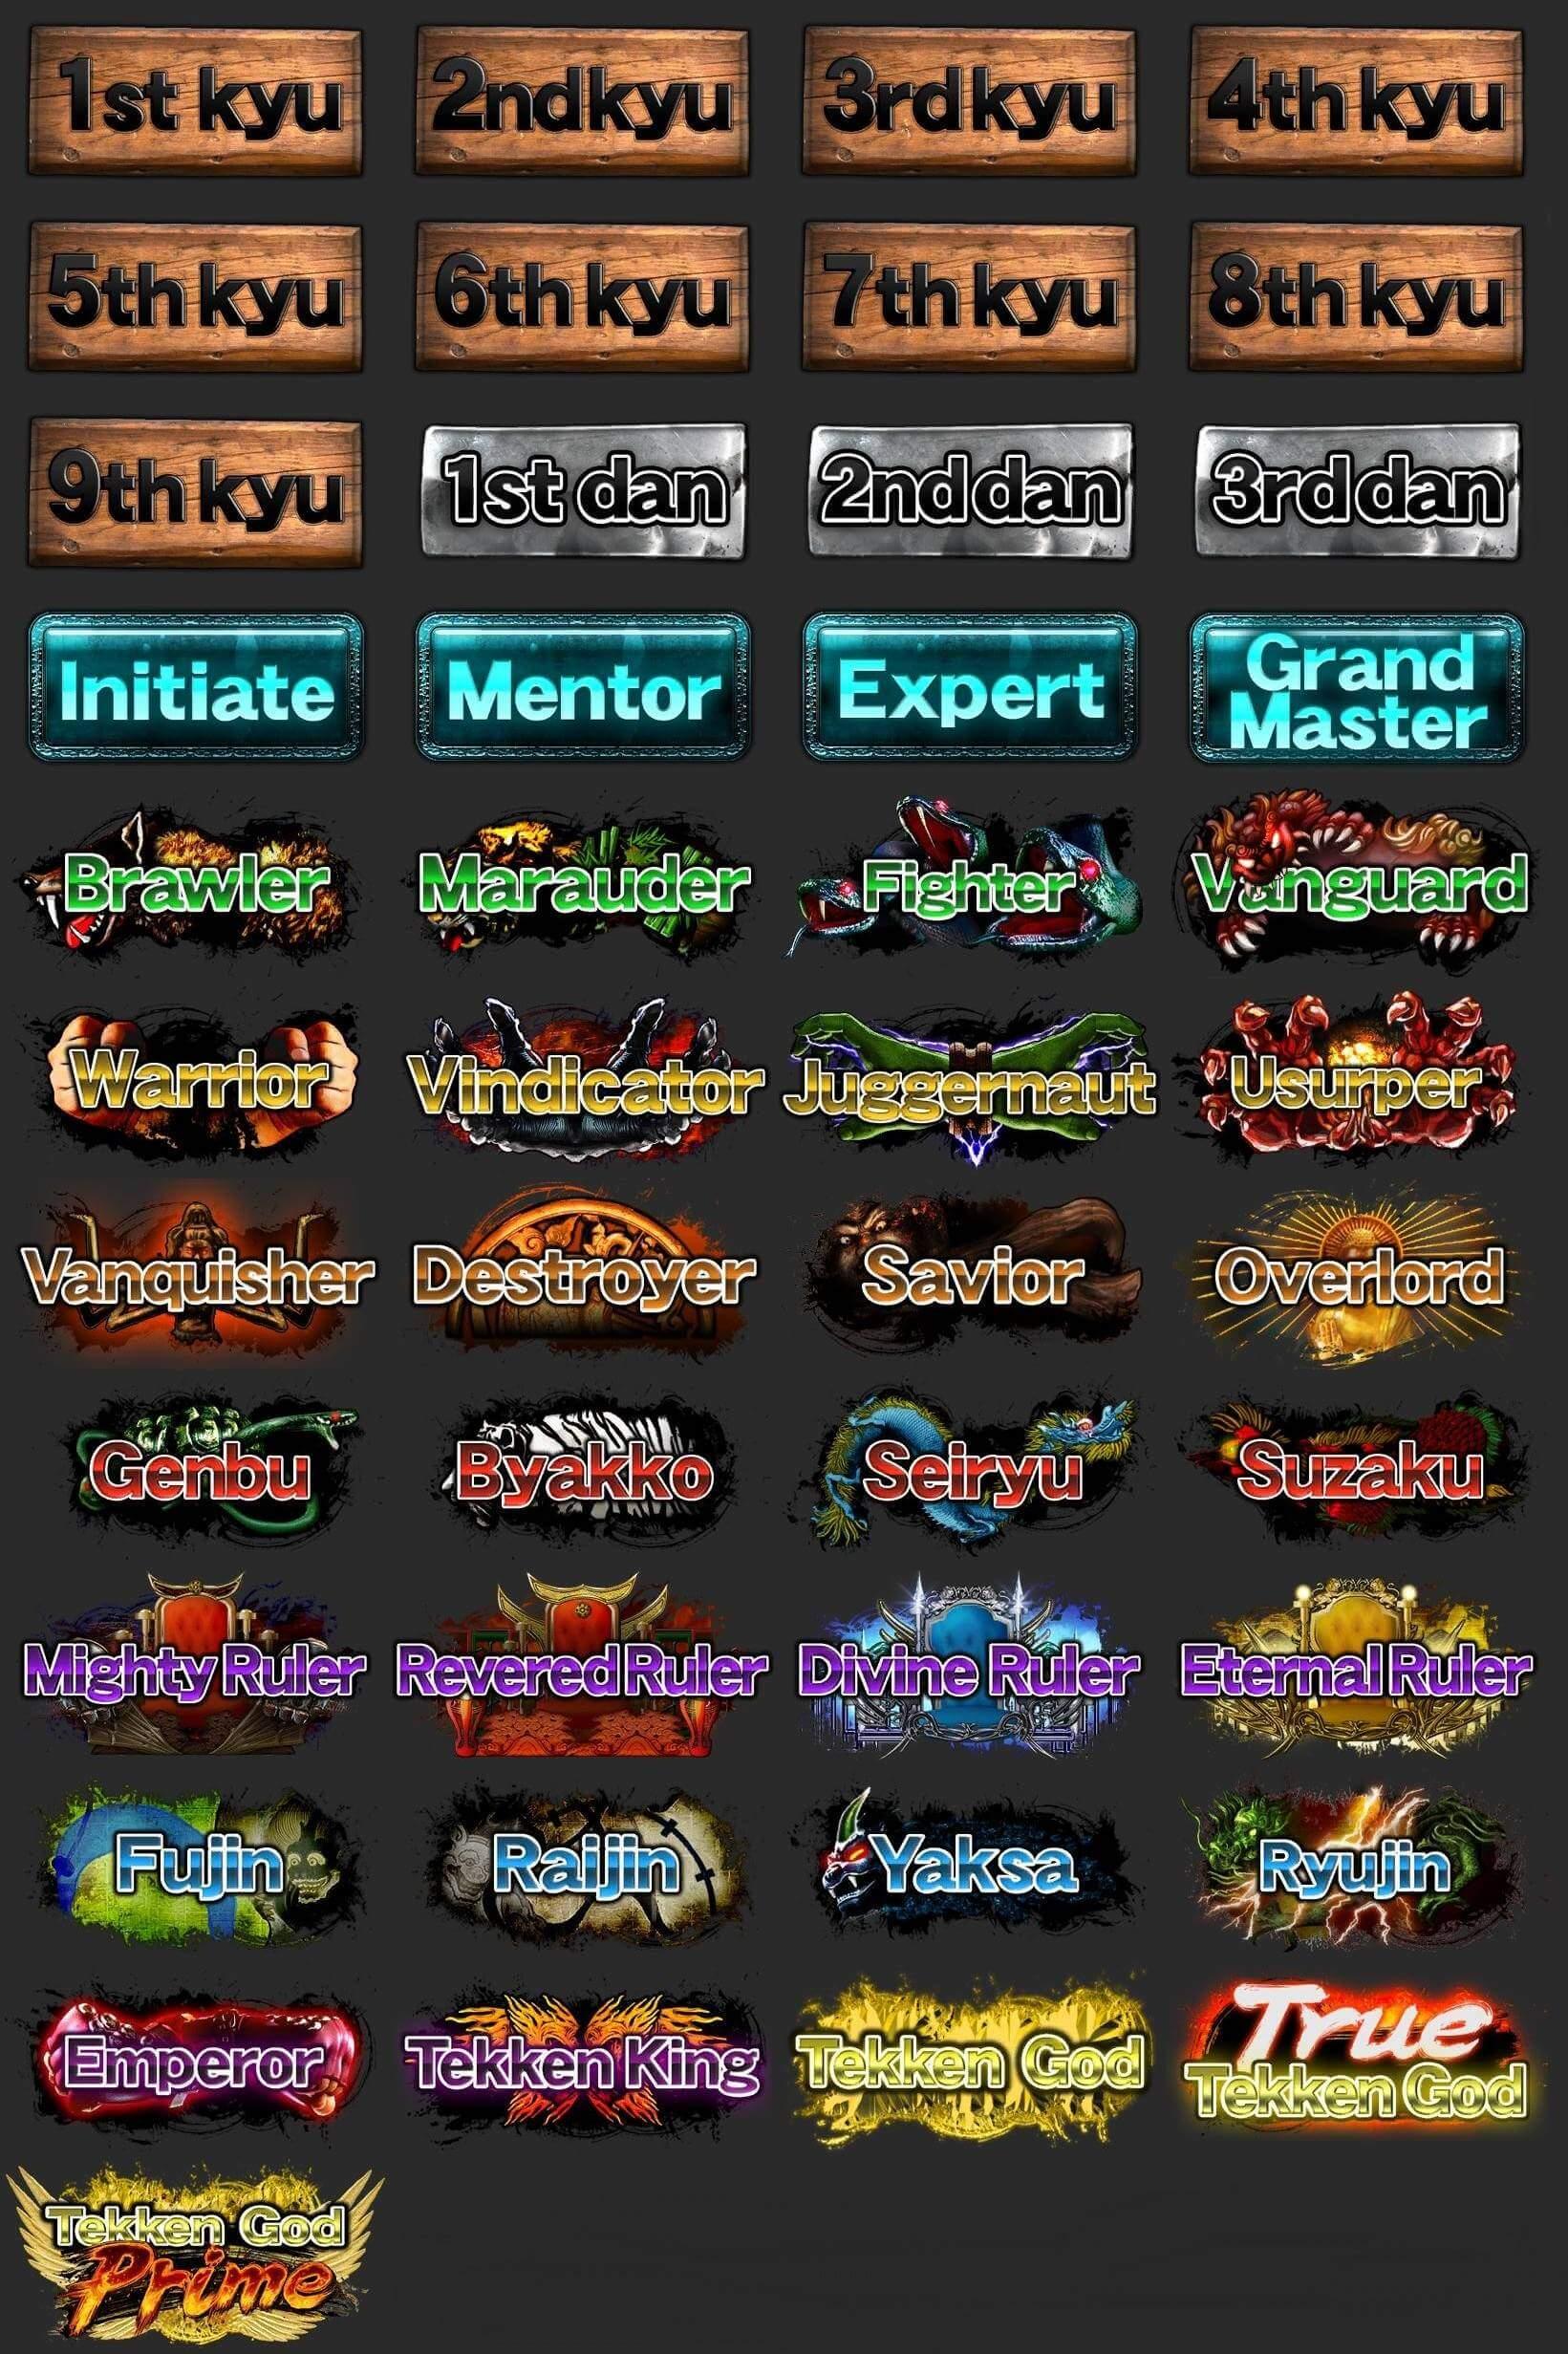 tekken 7 ranks in order